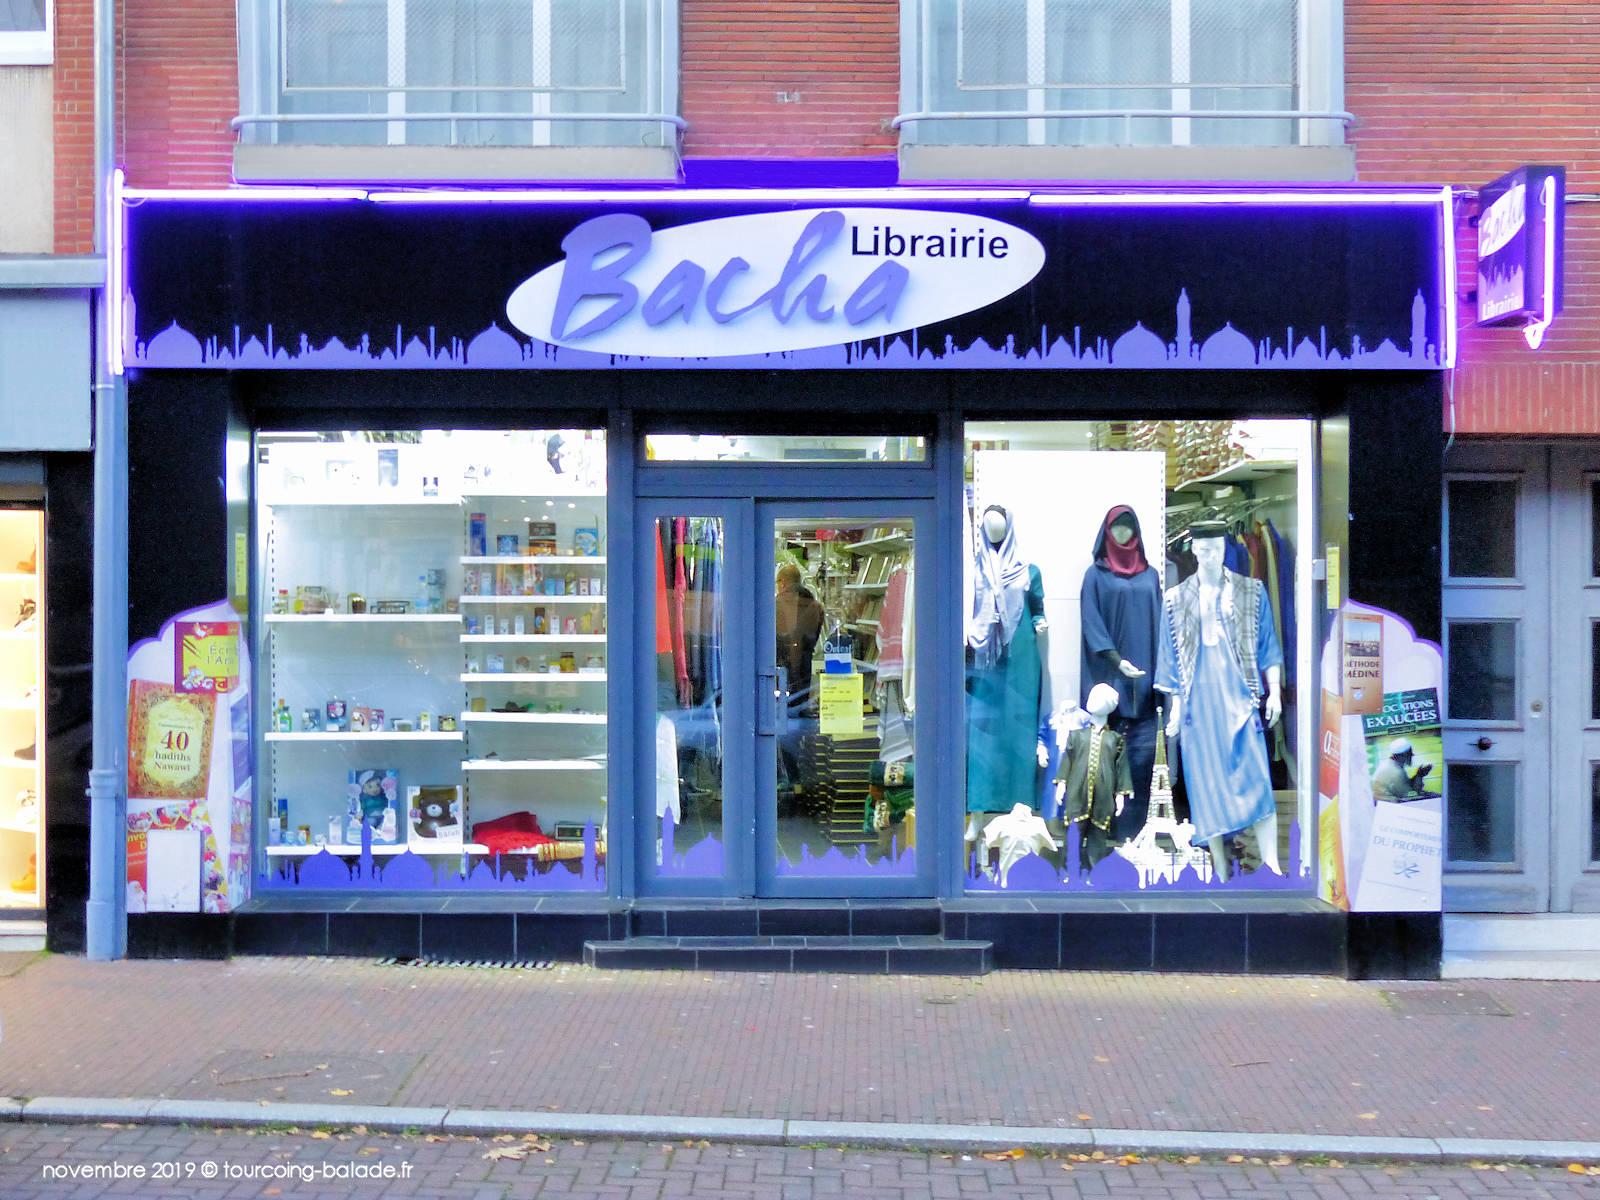 Bacha Libraire 2 - Tourcoing, rue de la Cloche